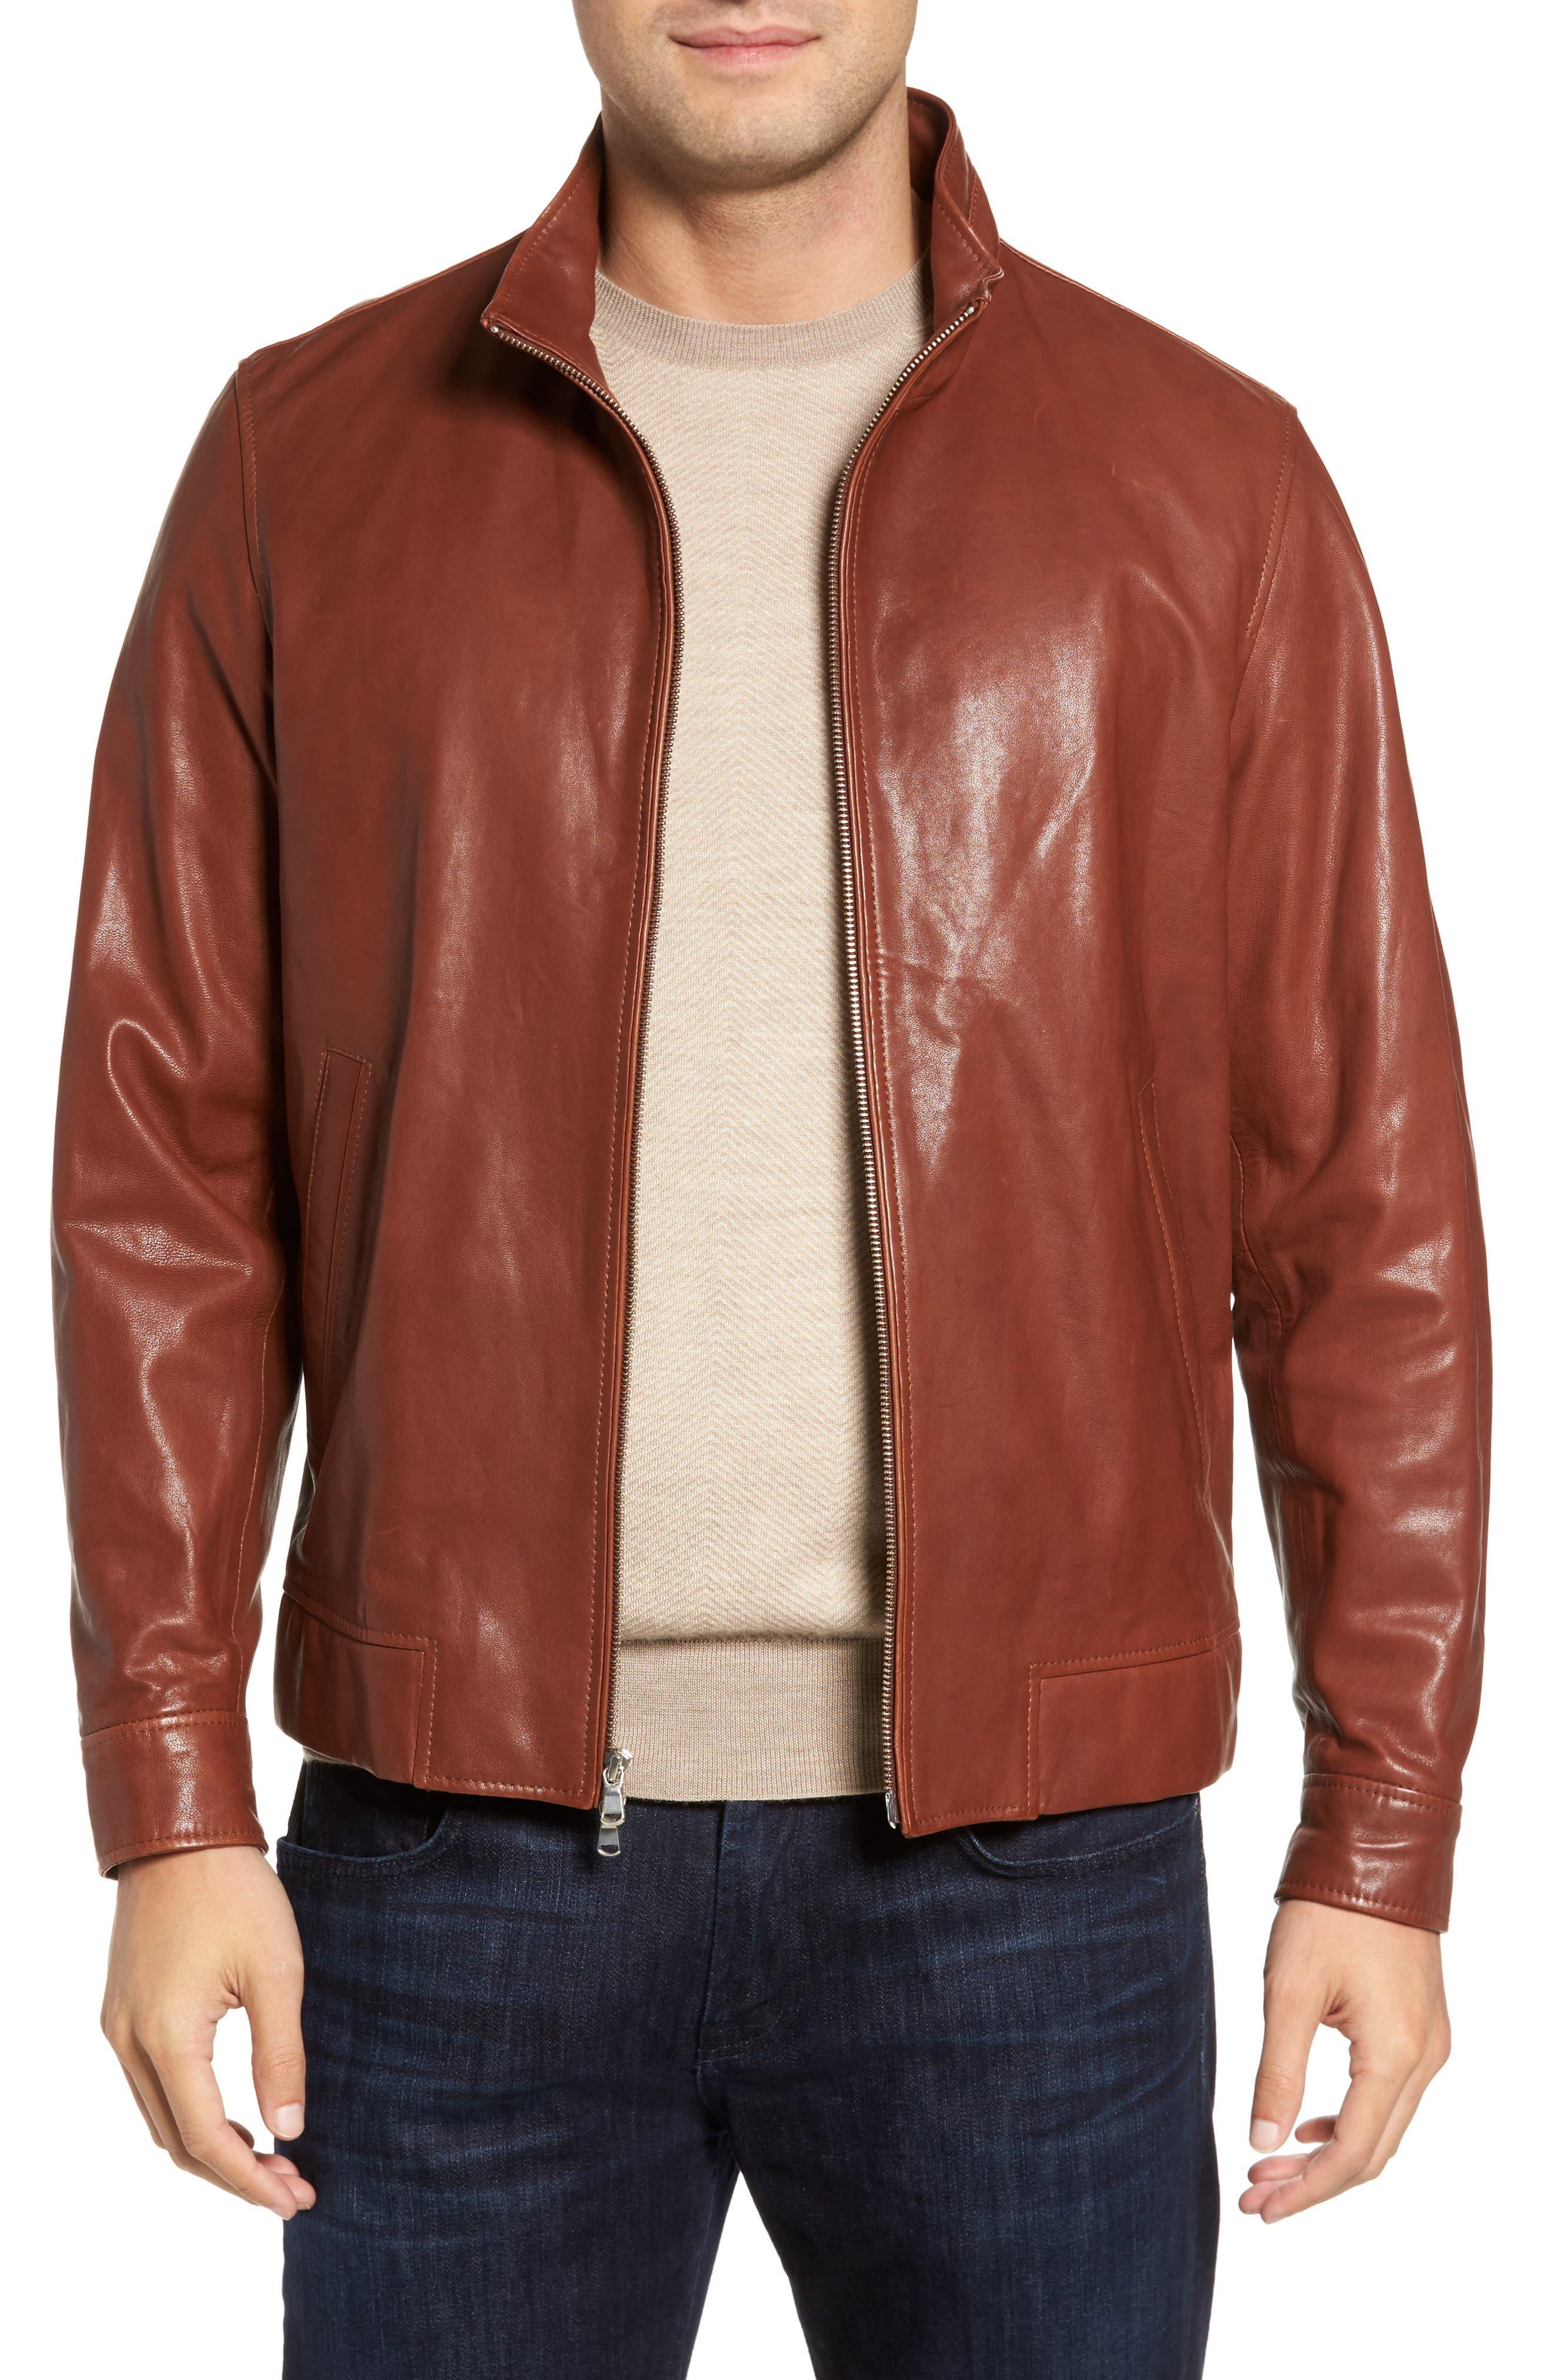 Peter Millar Men's Clothing & Accessories | Nordstrom : peter millar quilted vest - Adamdwight.com